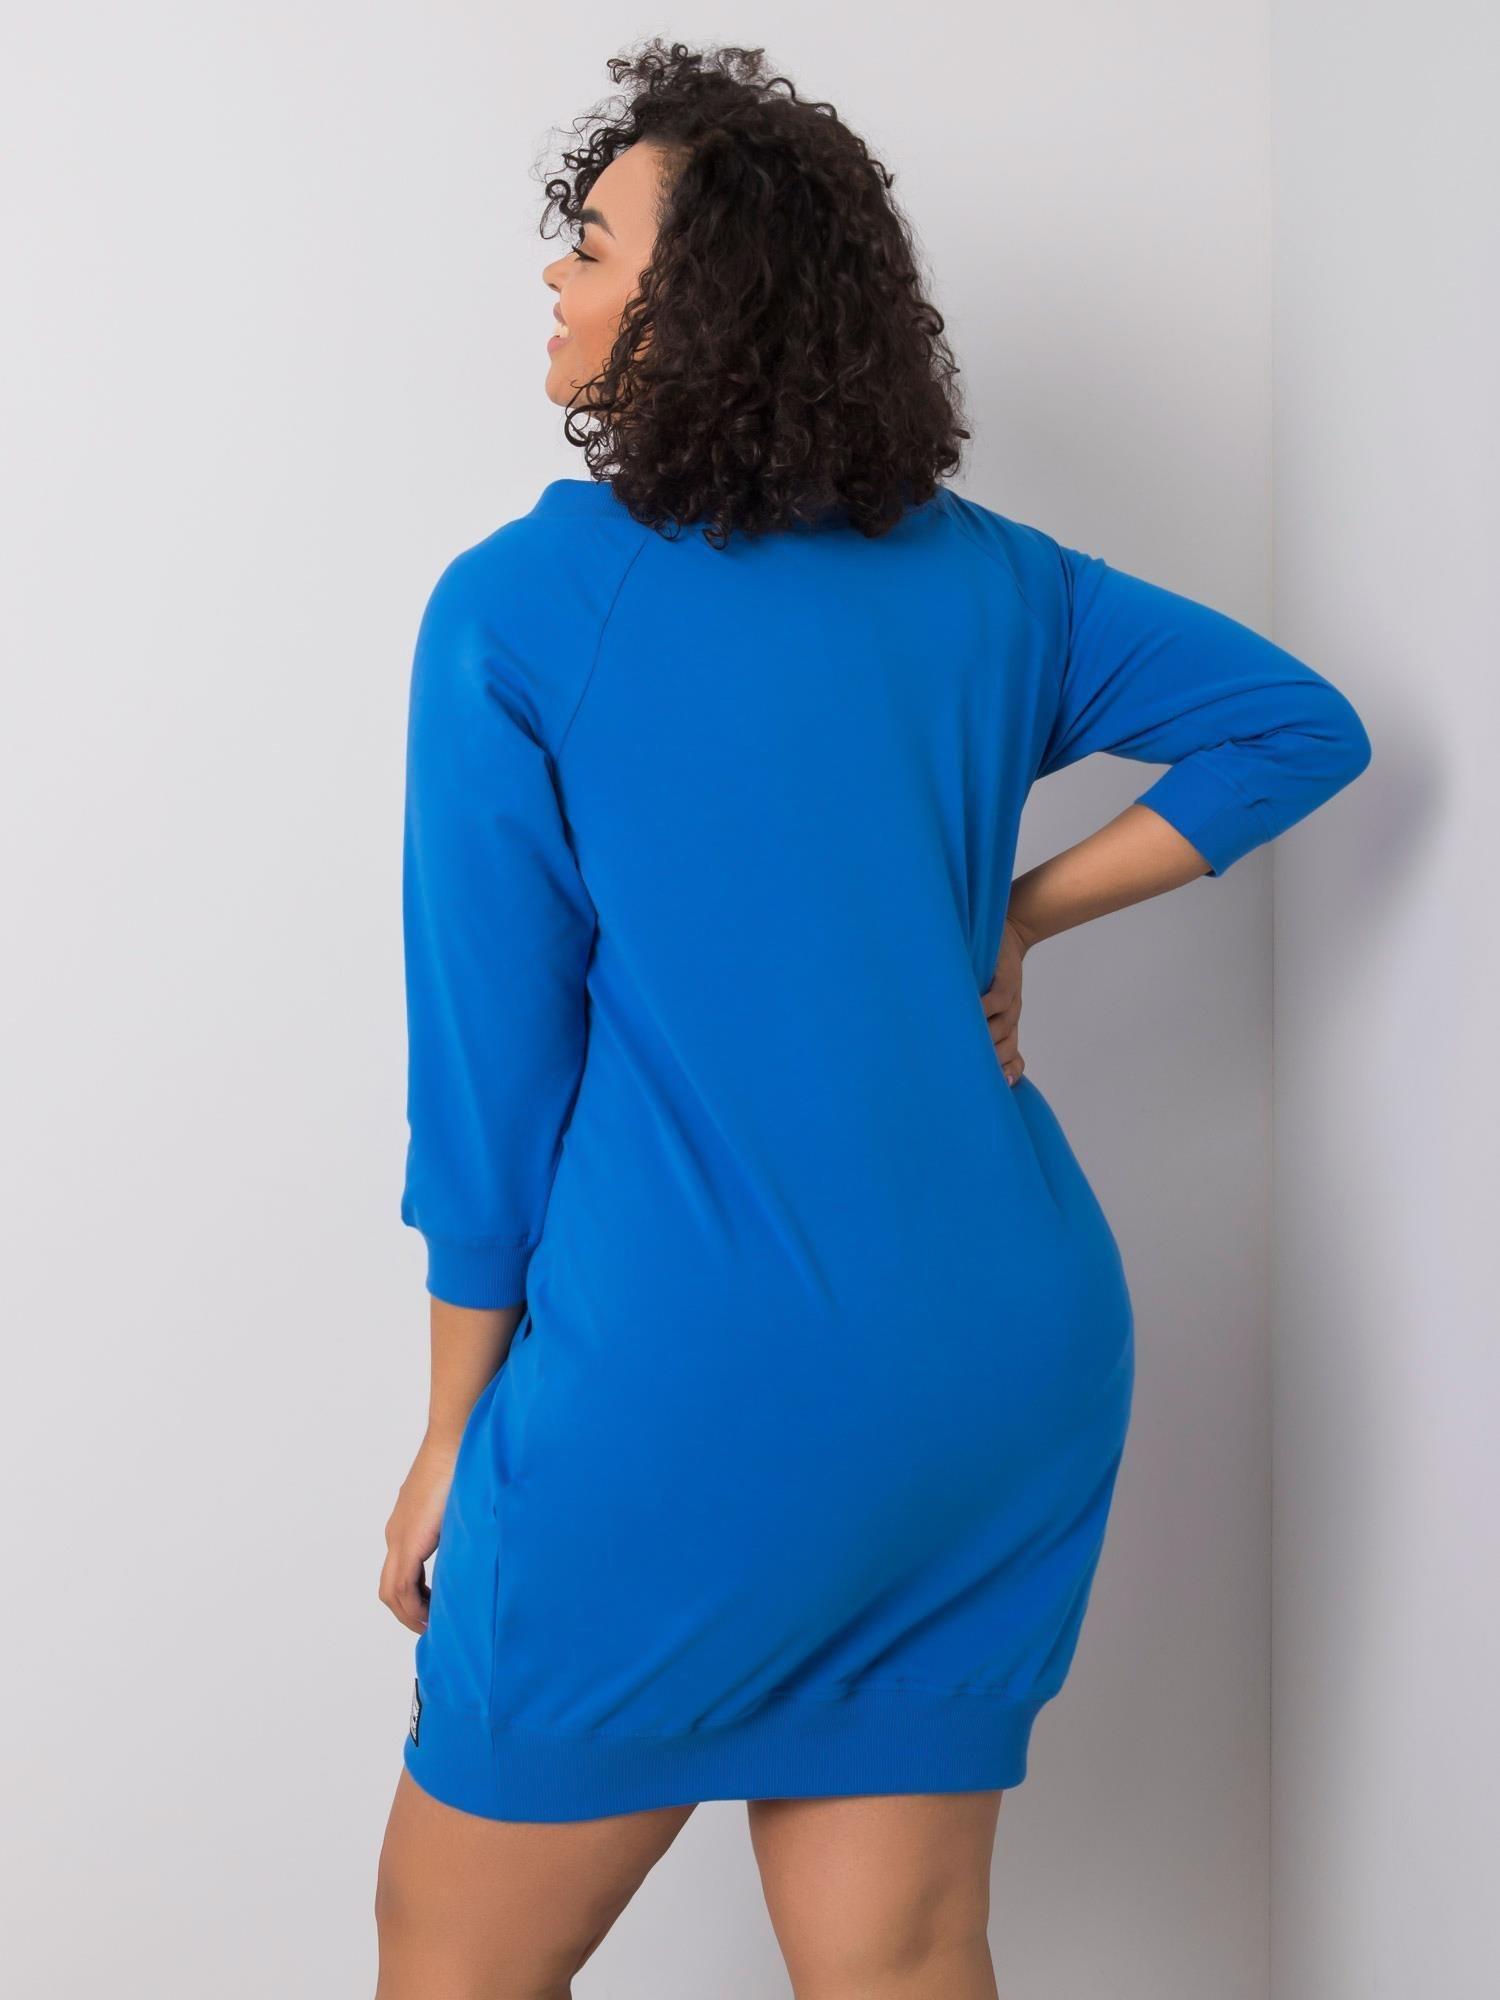 Sweatshirt Kleid in Opablau Curvy Rückansicht